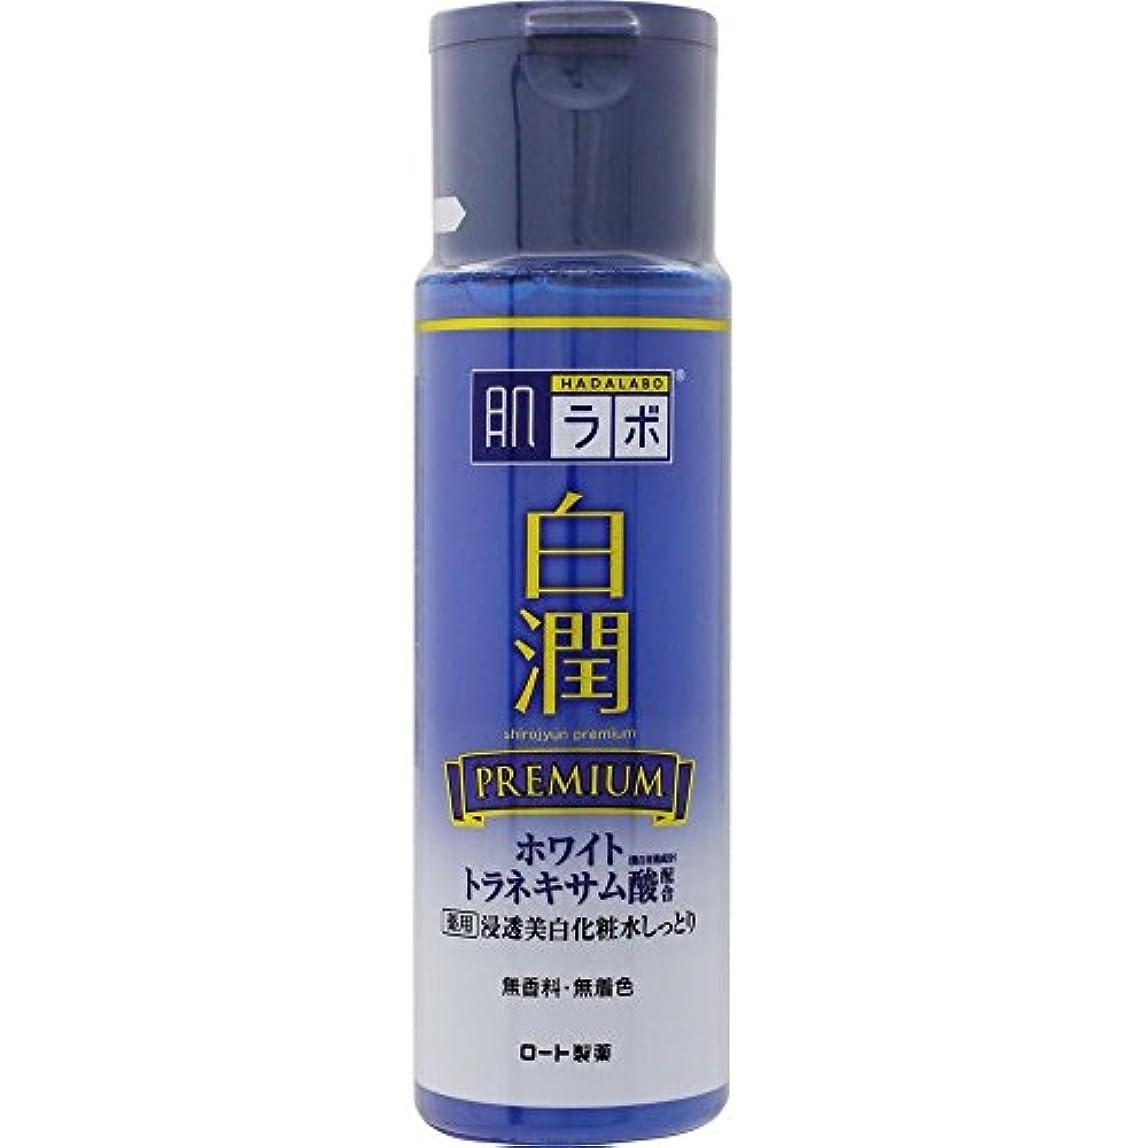 より良い名前を作る怠肌ラボ 白潤プレミアム 薬用浸透美白化粧水しっとり 170mL (医薬部外品)